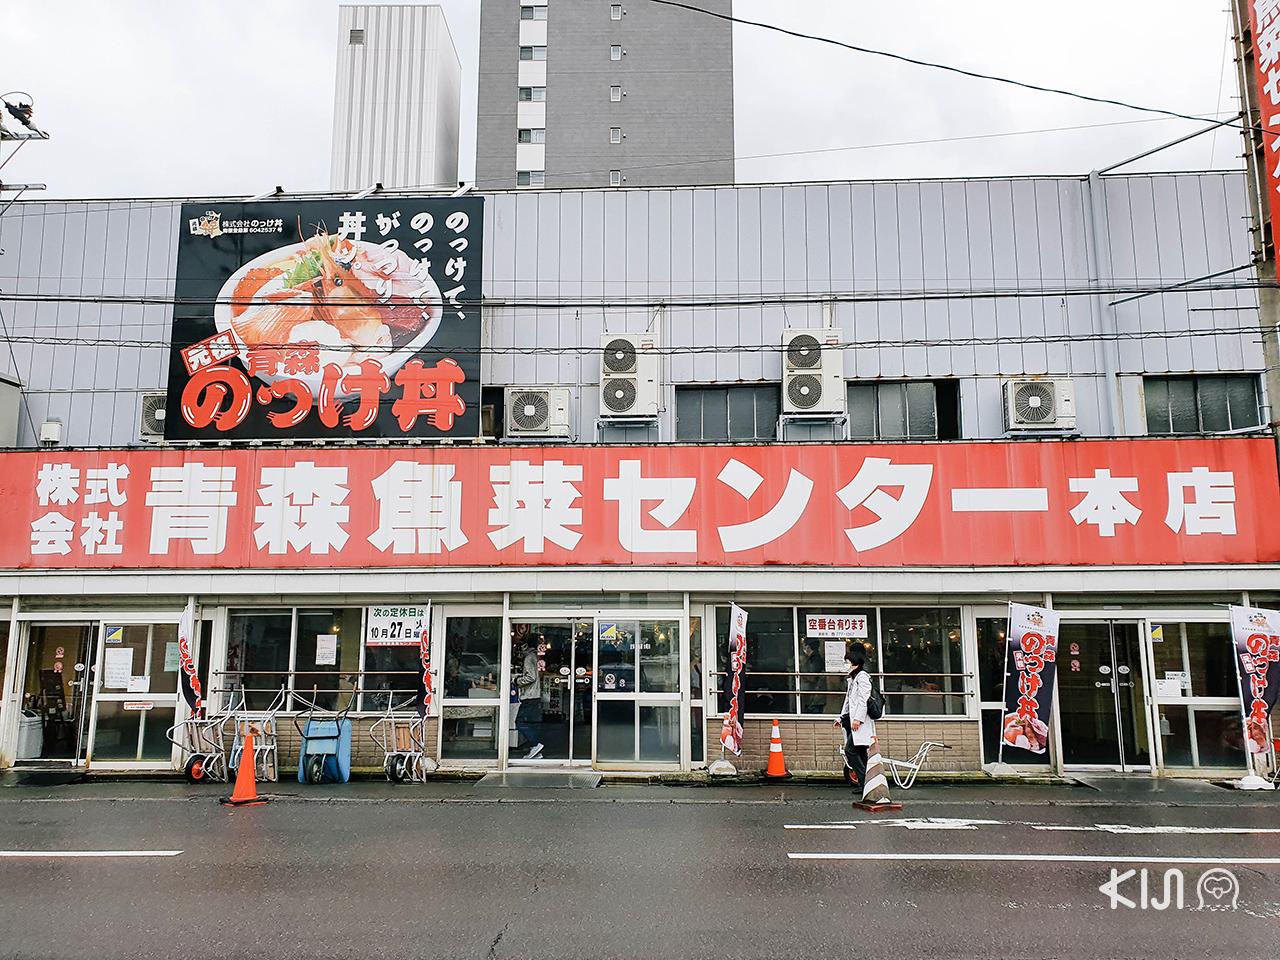 เที่ยว โทโฮคุ ในฤดู ใบไม้เปลี่ยนสี กับ Aomori Gyosai Center